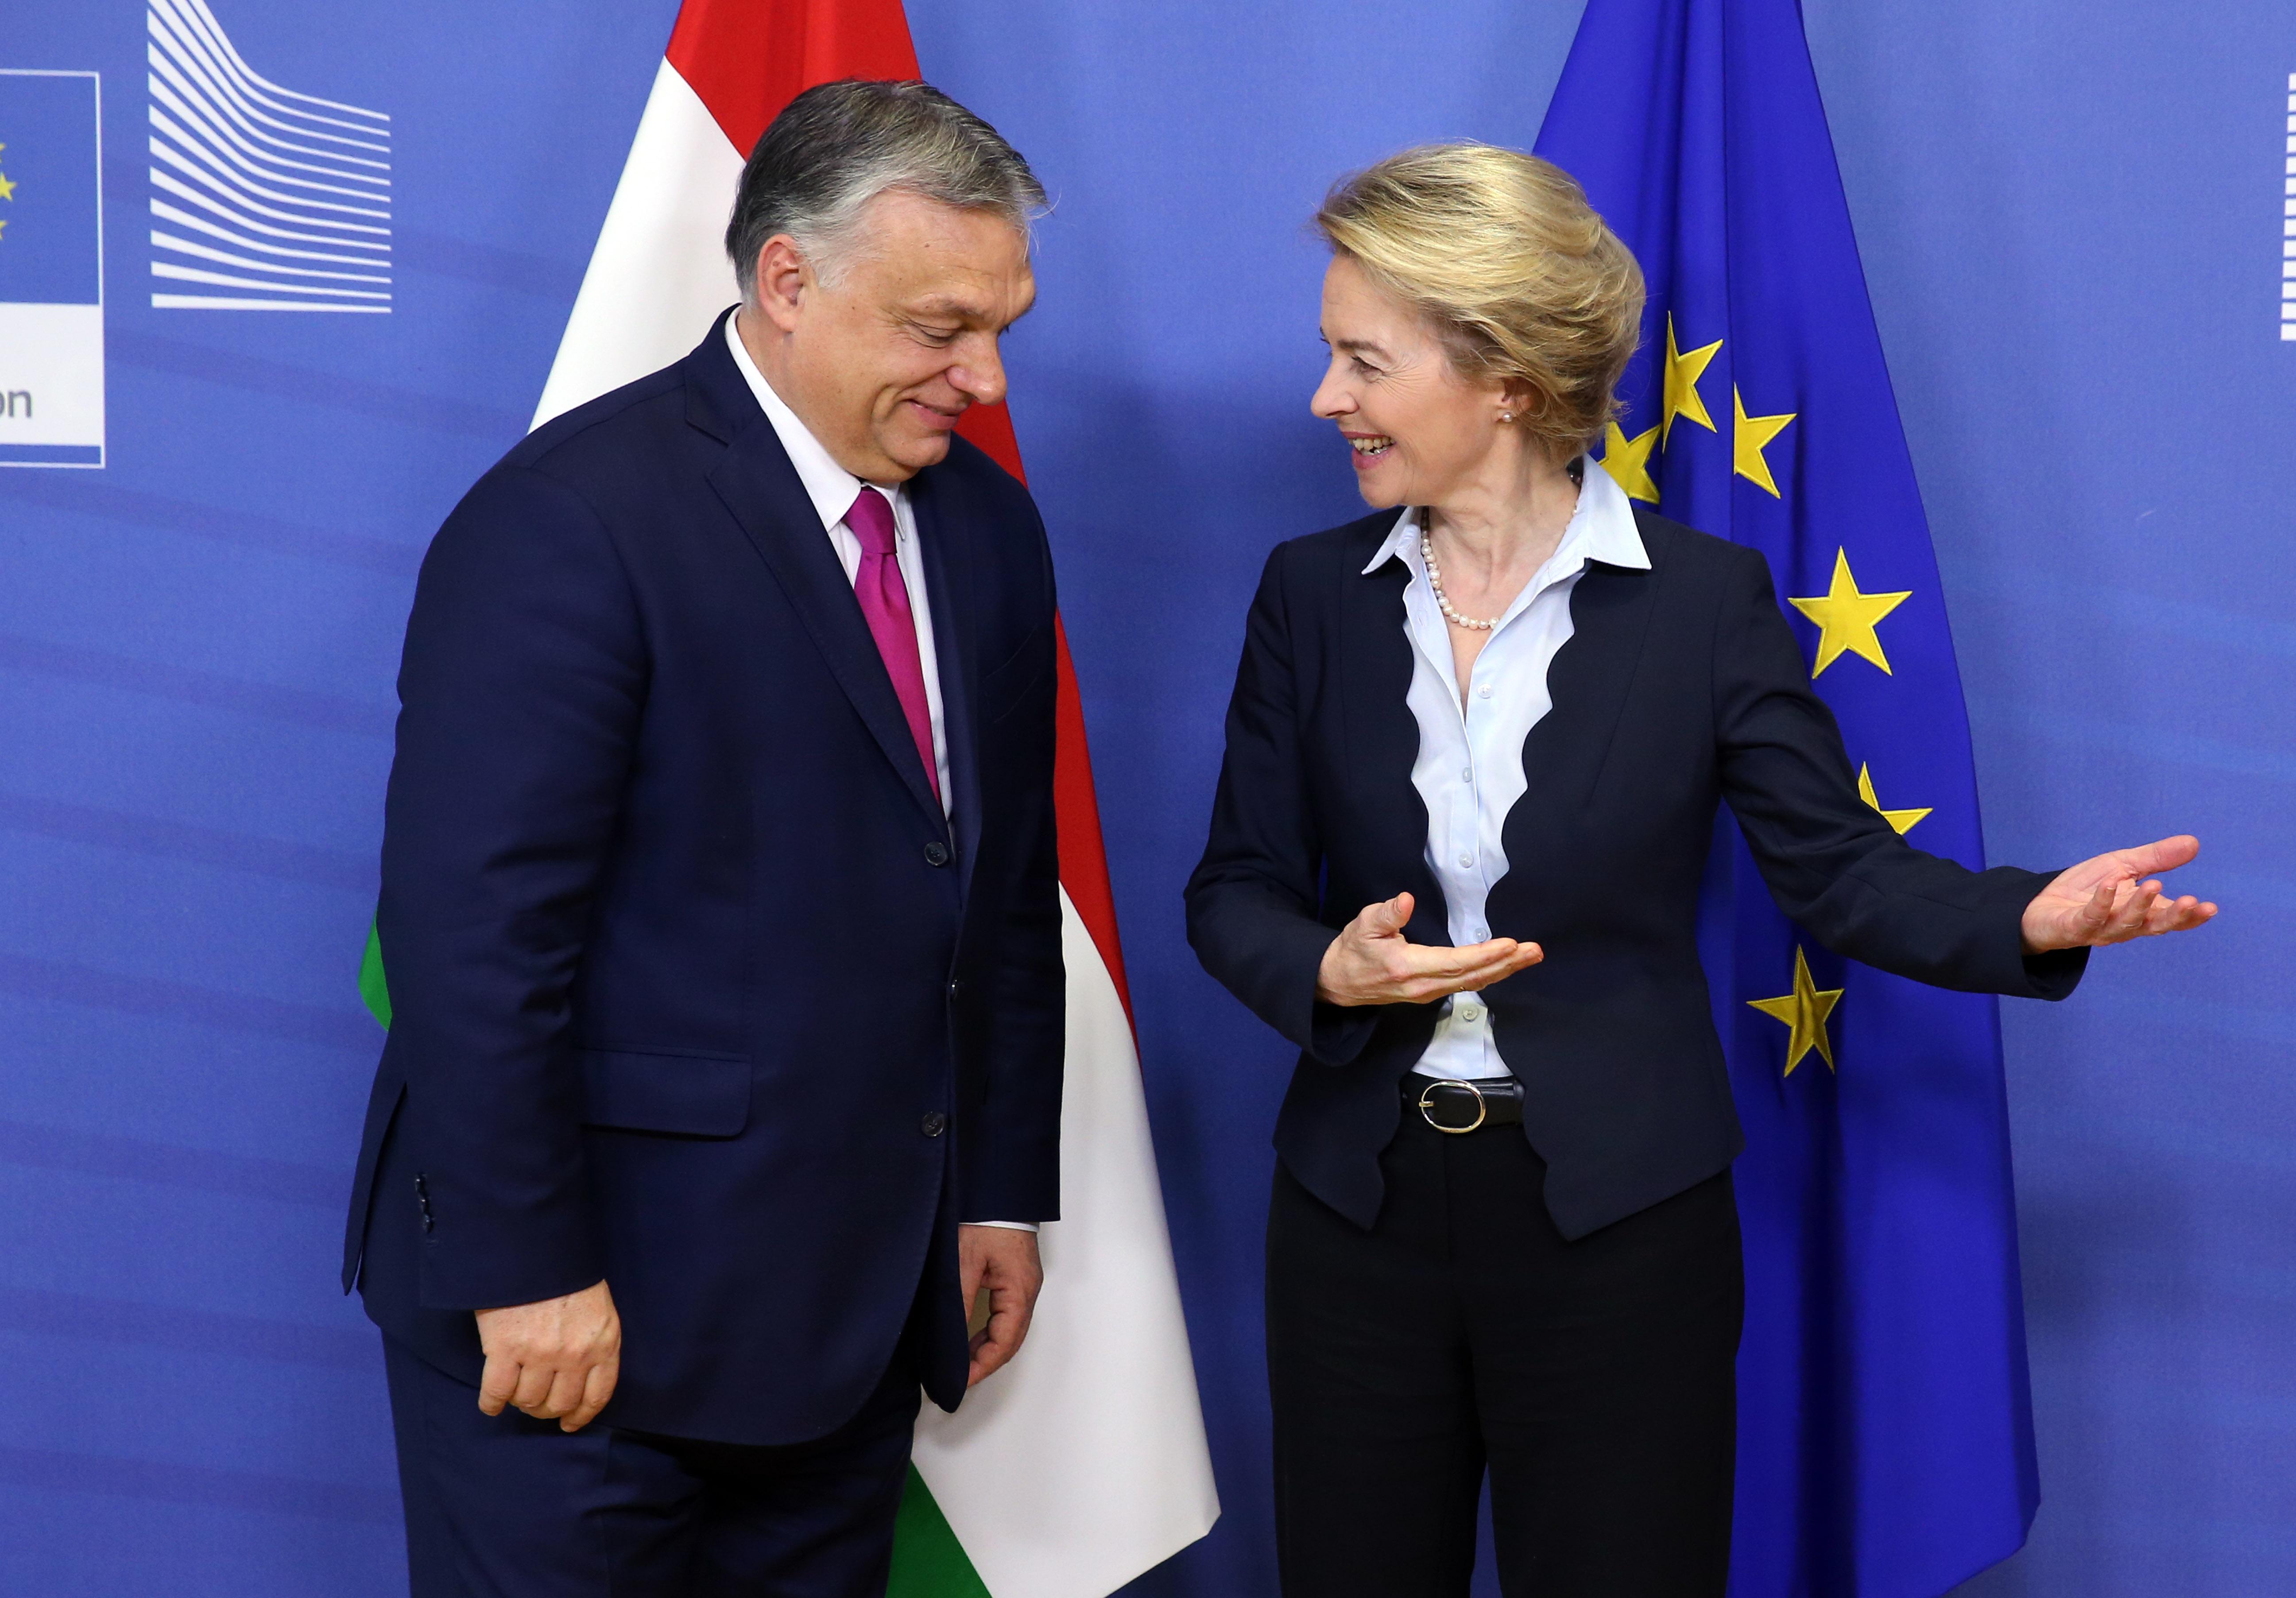 Eljárást indít a magyar kormány ellen az Európai Bizottság elnöke, ha a korlátozások átlépik a megengedett mértéket